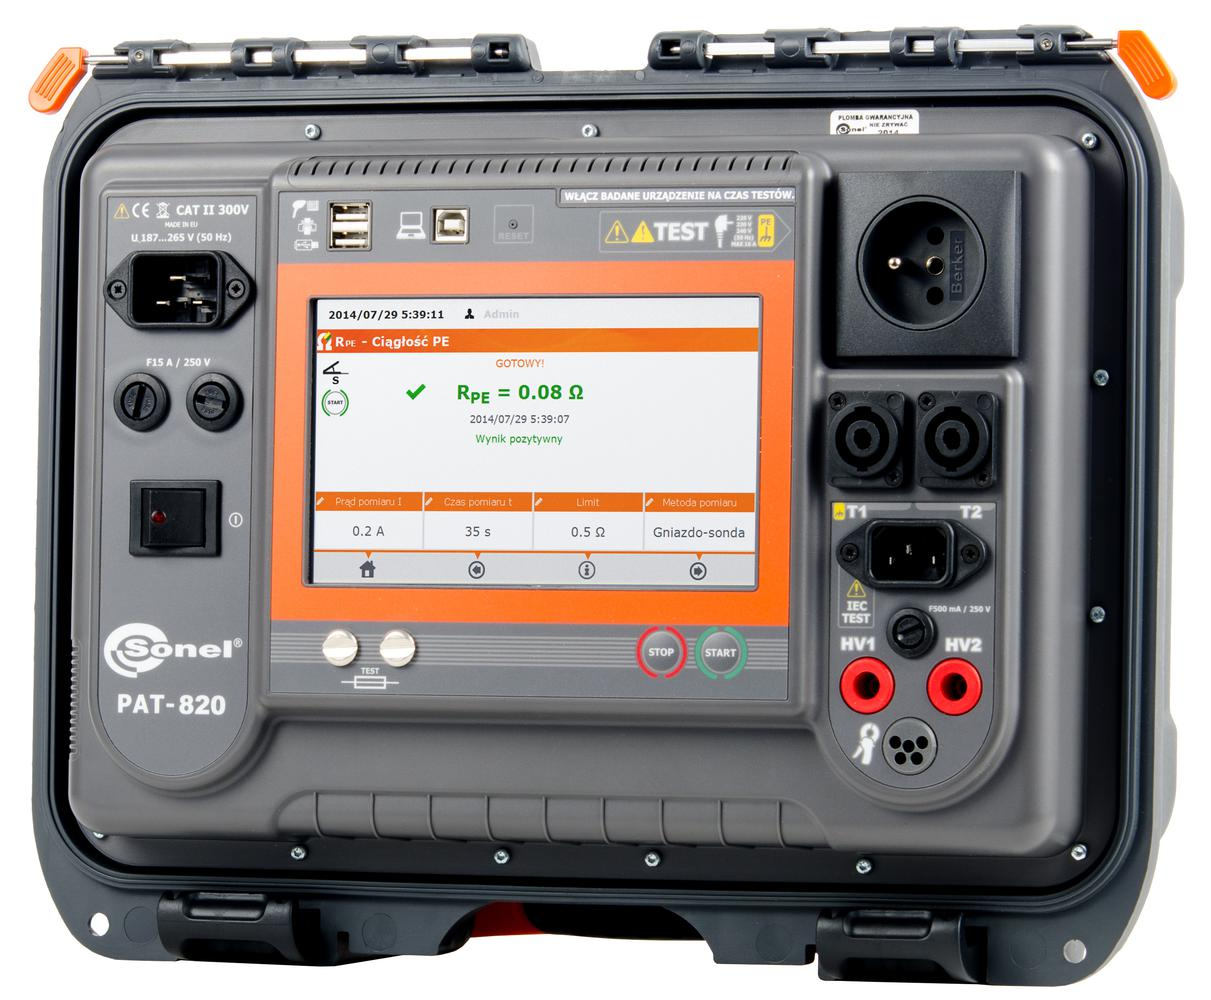 PAT-820 Miernik bezpieczeństwa sprzętu elektrycznego